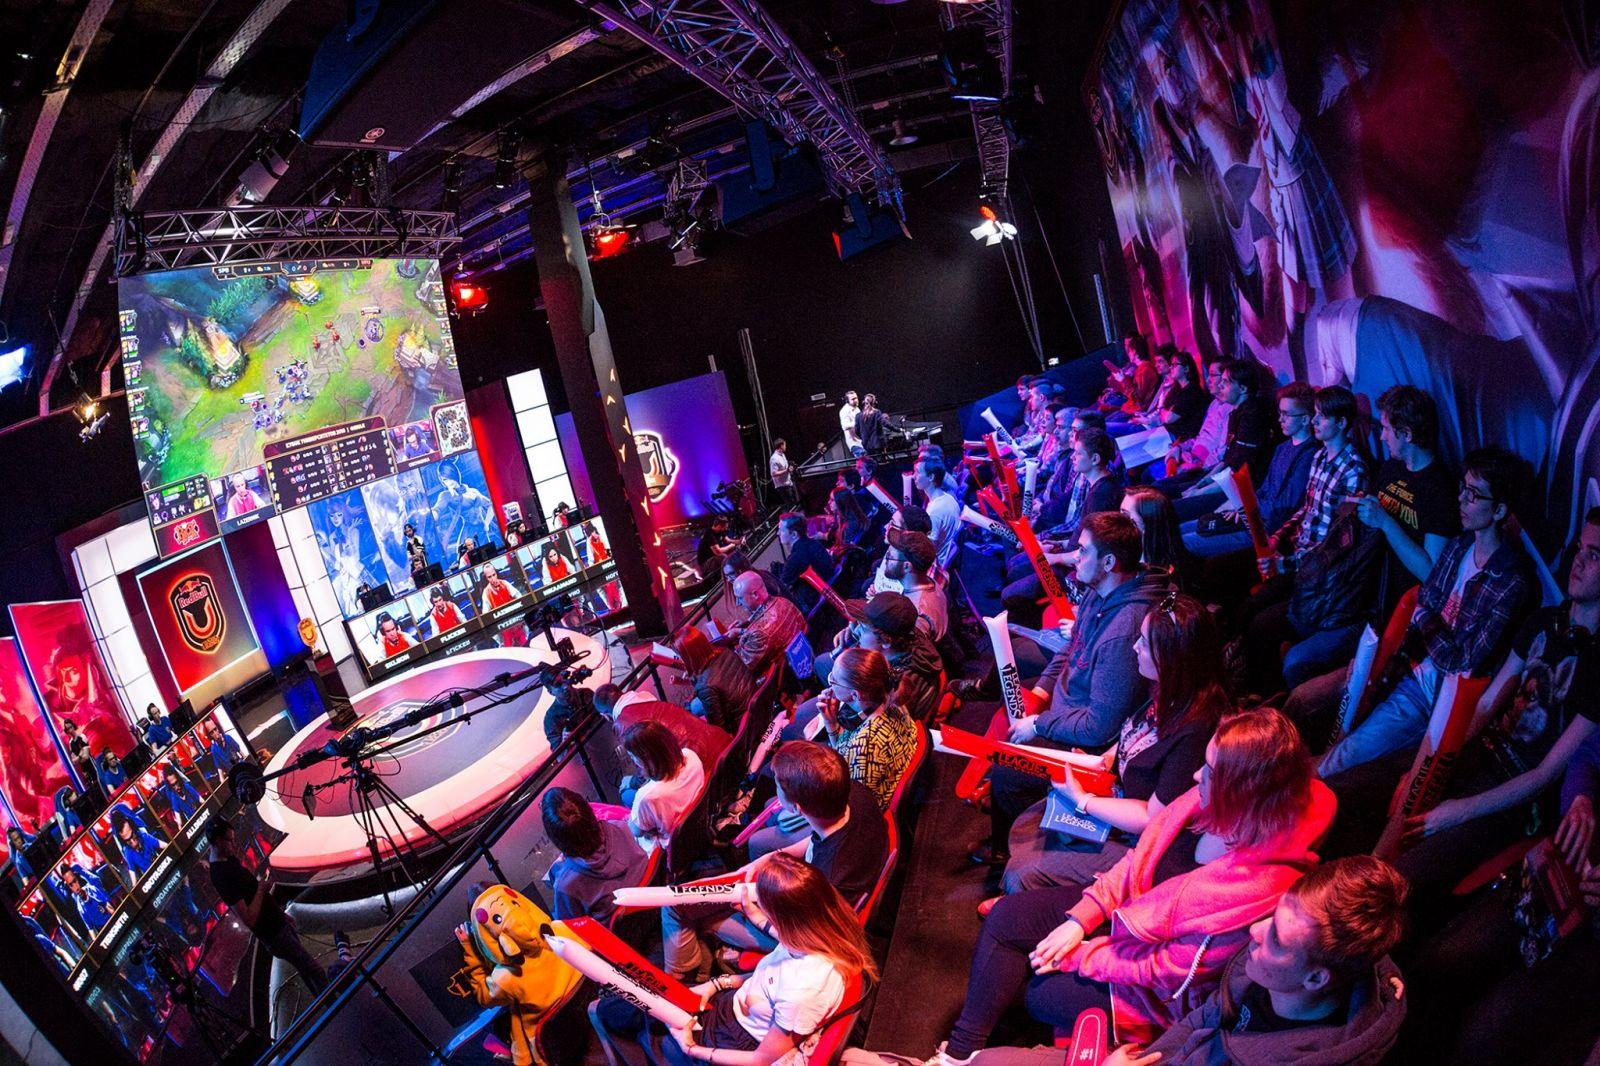 Телеканал «Е» в пакете Kartina.TV: новости киберспорта, let's play, Лига Легенд  и многое другое